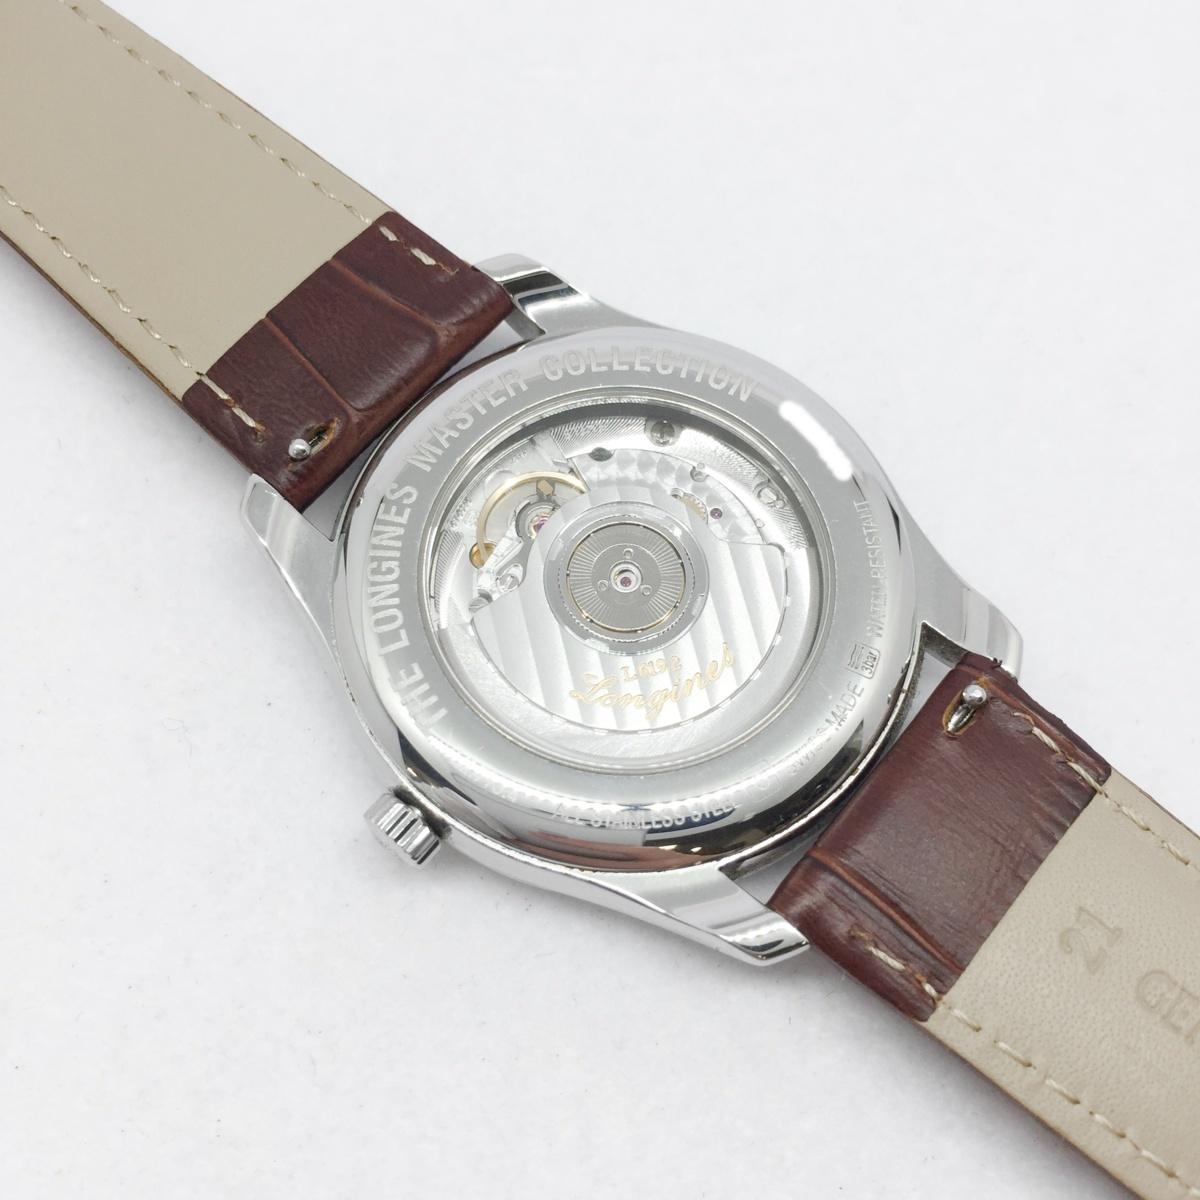 9-3525 【美品・新品社外ベルト】 ロンジン 腕時計 マスターコレクション L2.793.4.78.3 自動巻き デイト メンズ 純正革ベルト付属_画像2